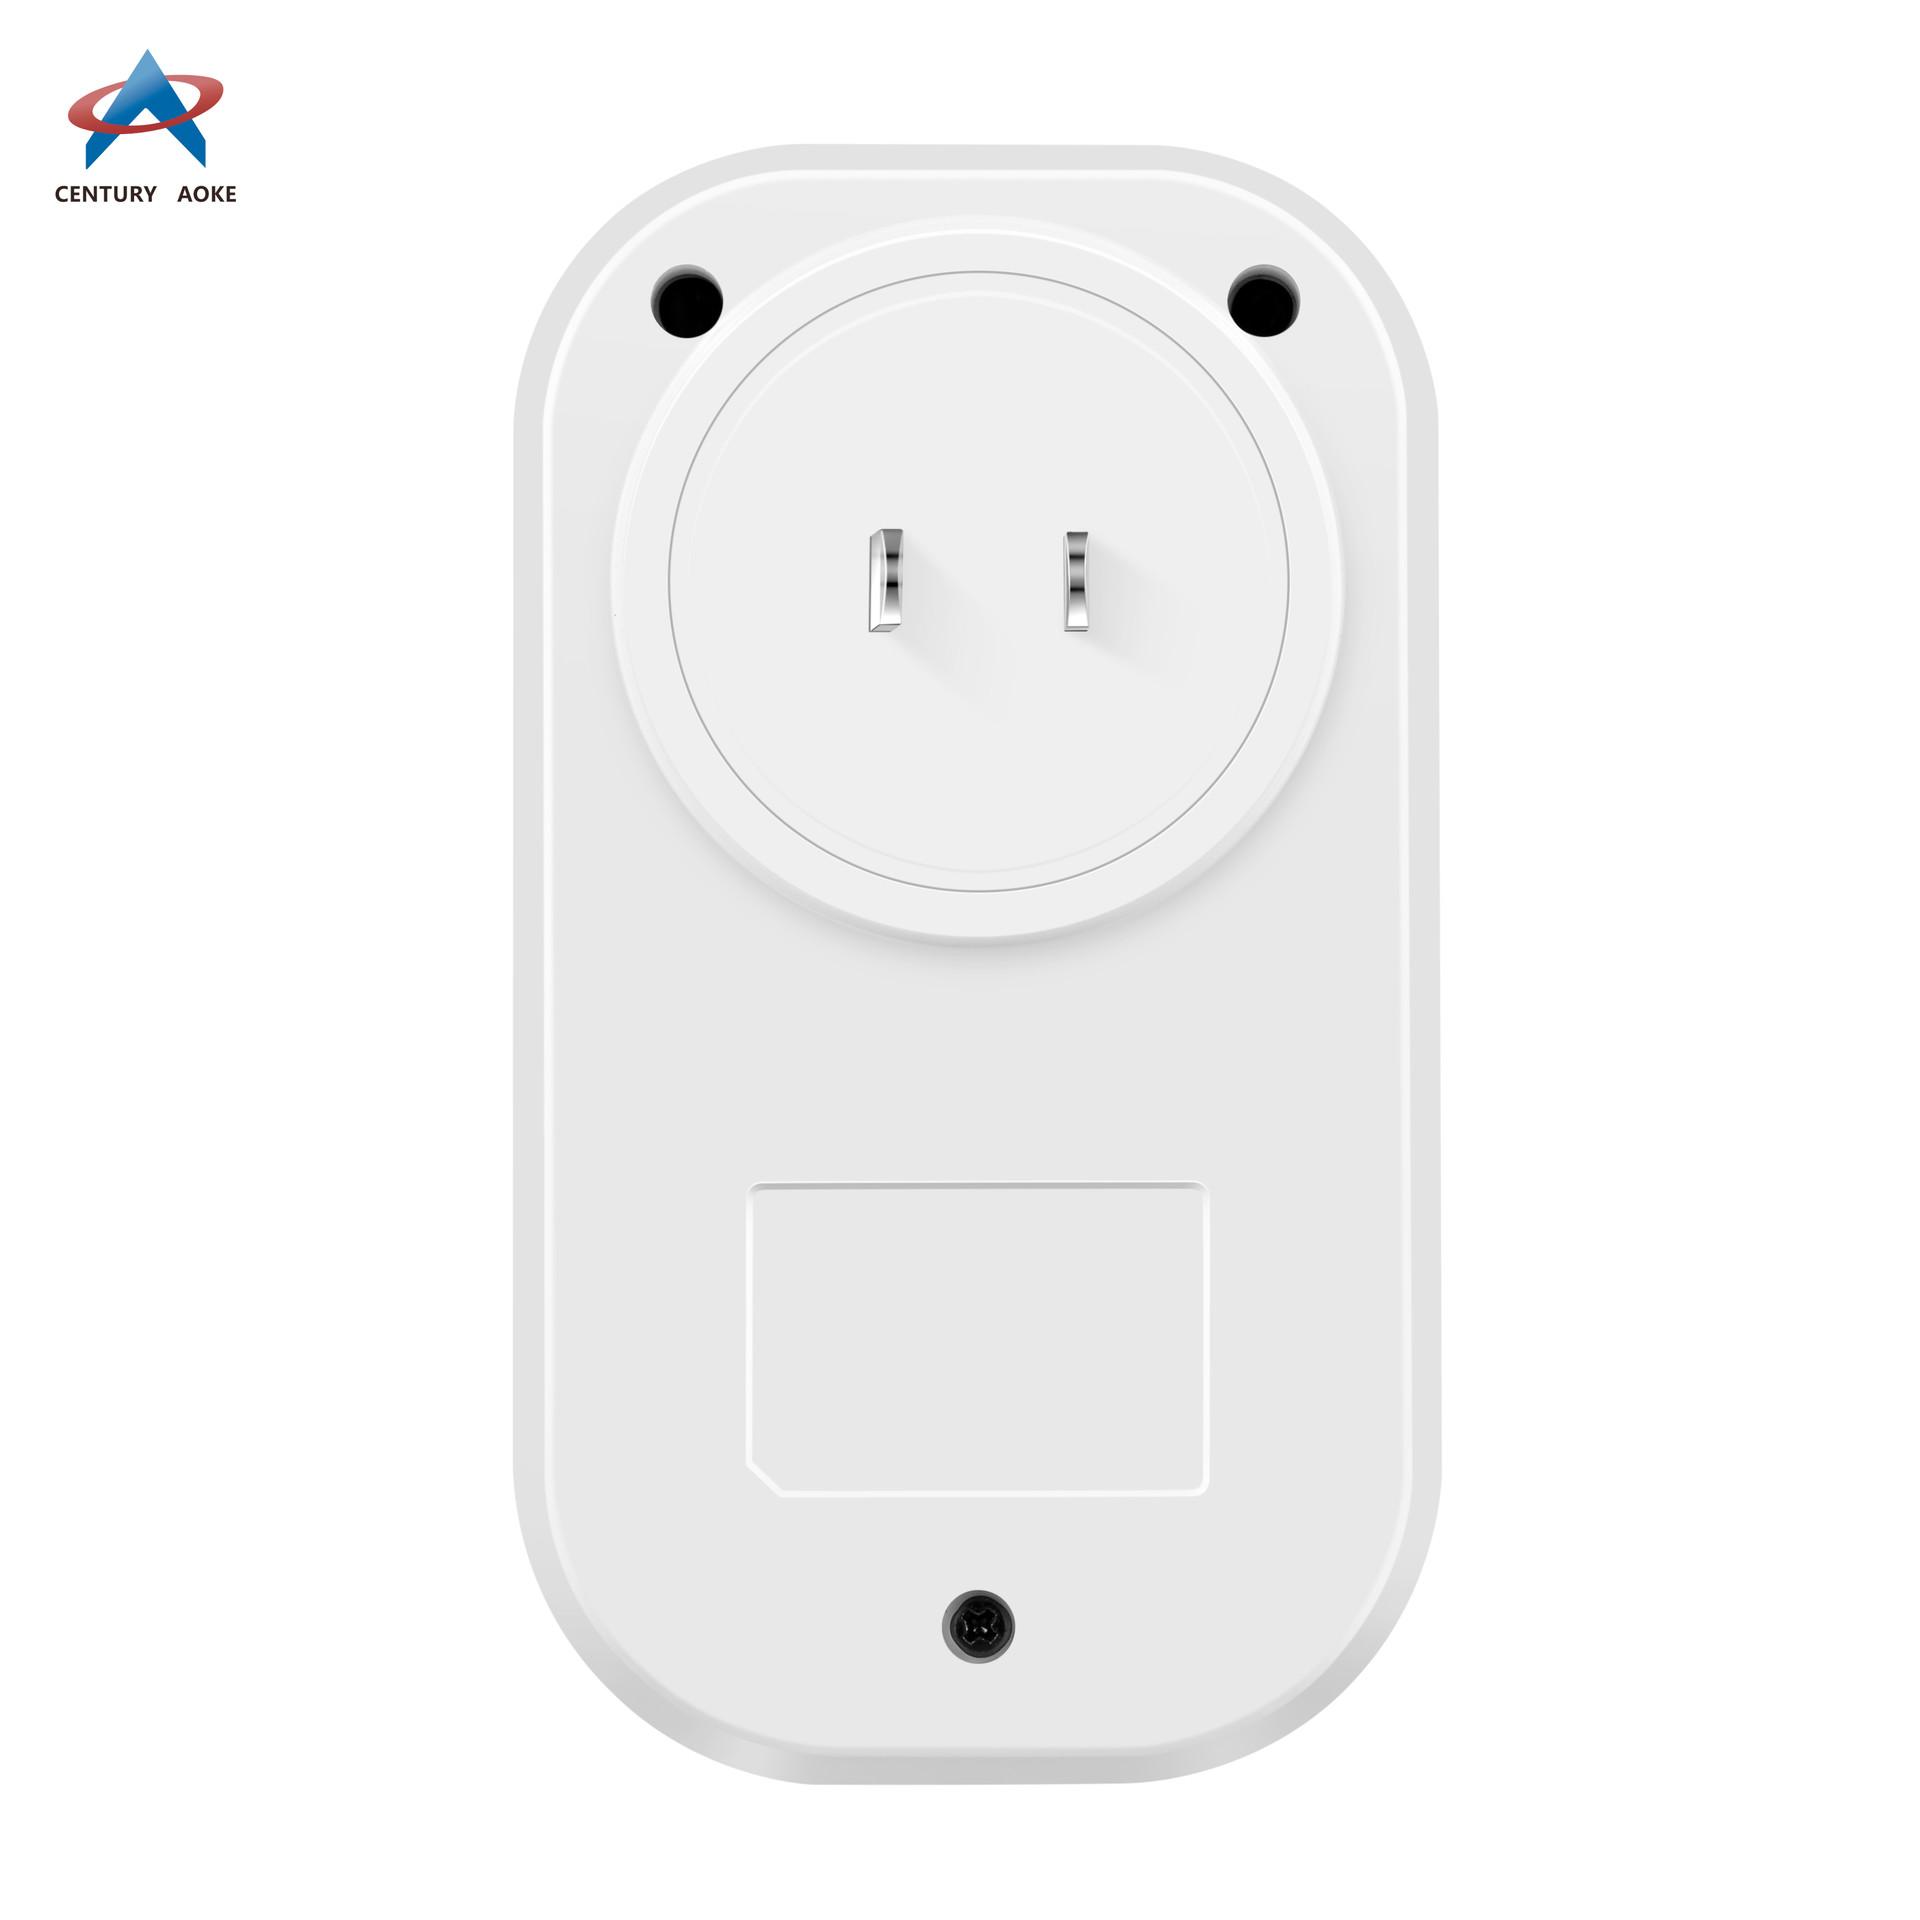 JIS smart socket wifi socket AK-P41W-03F